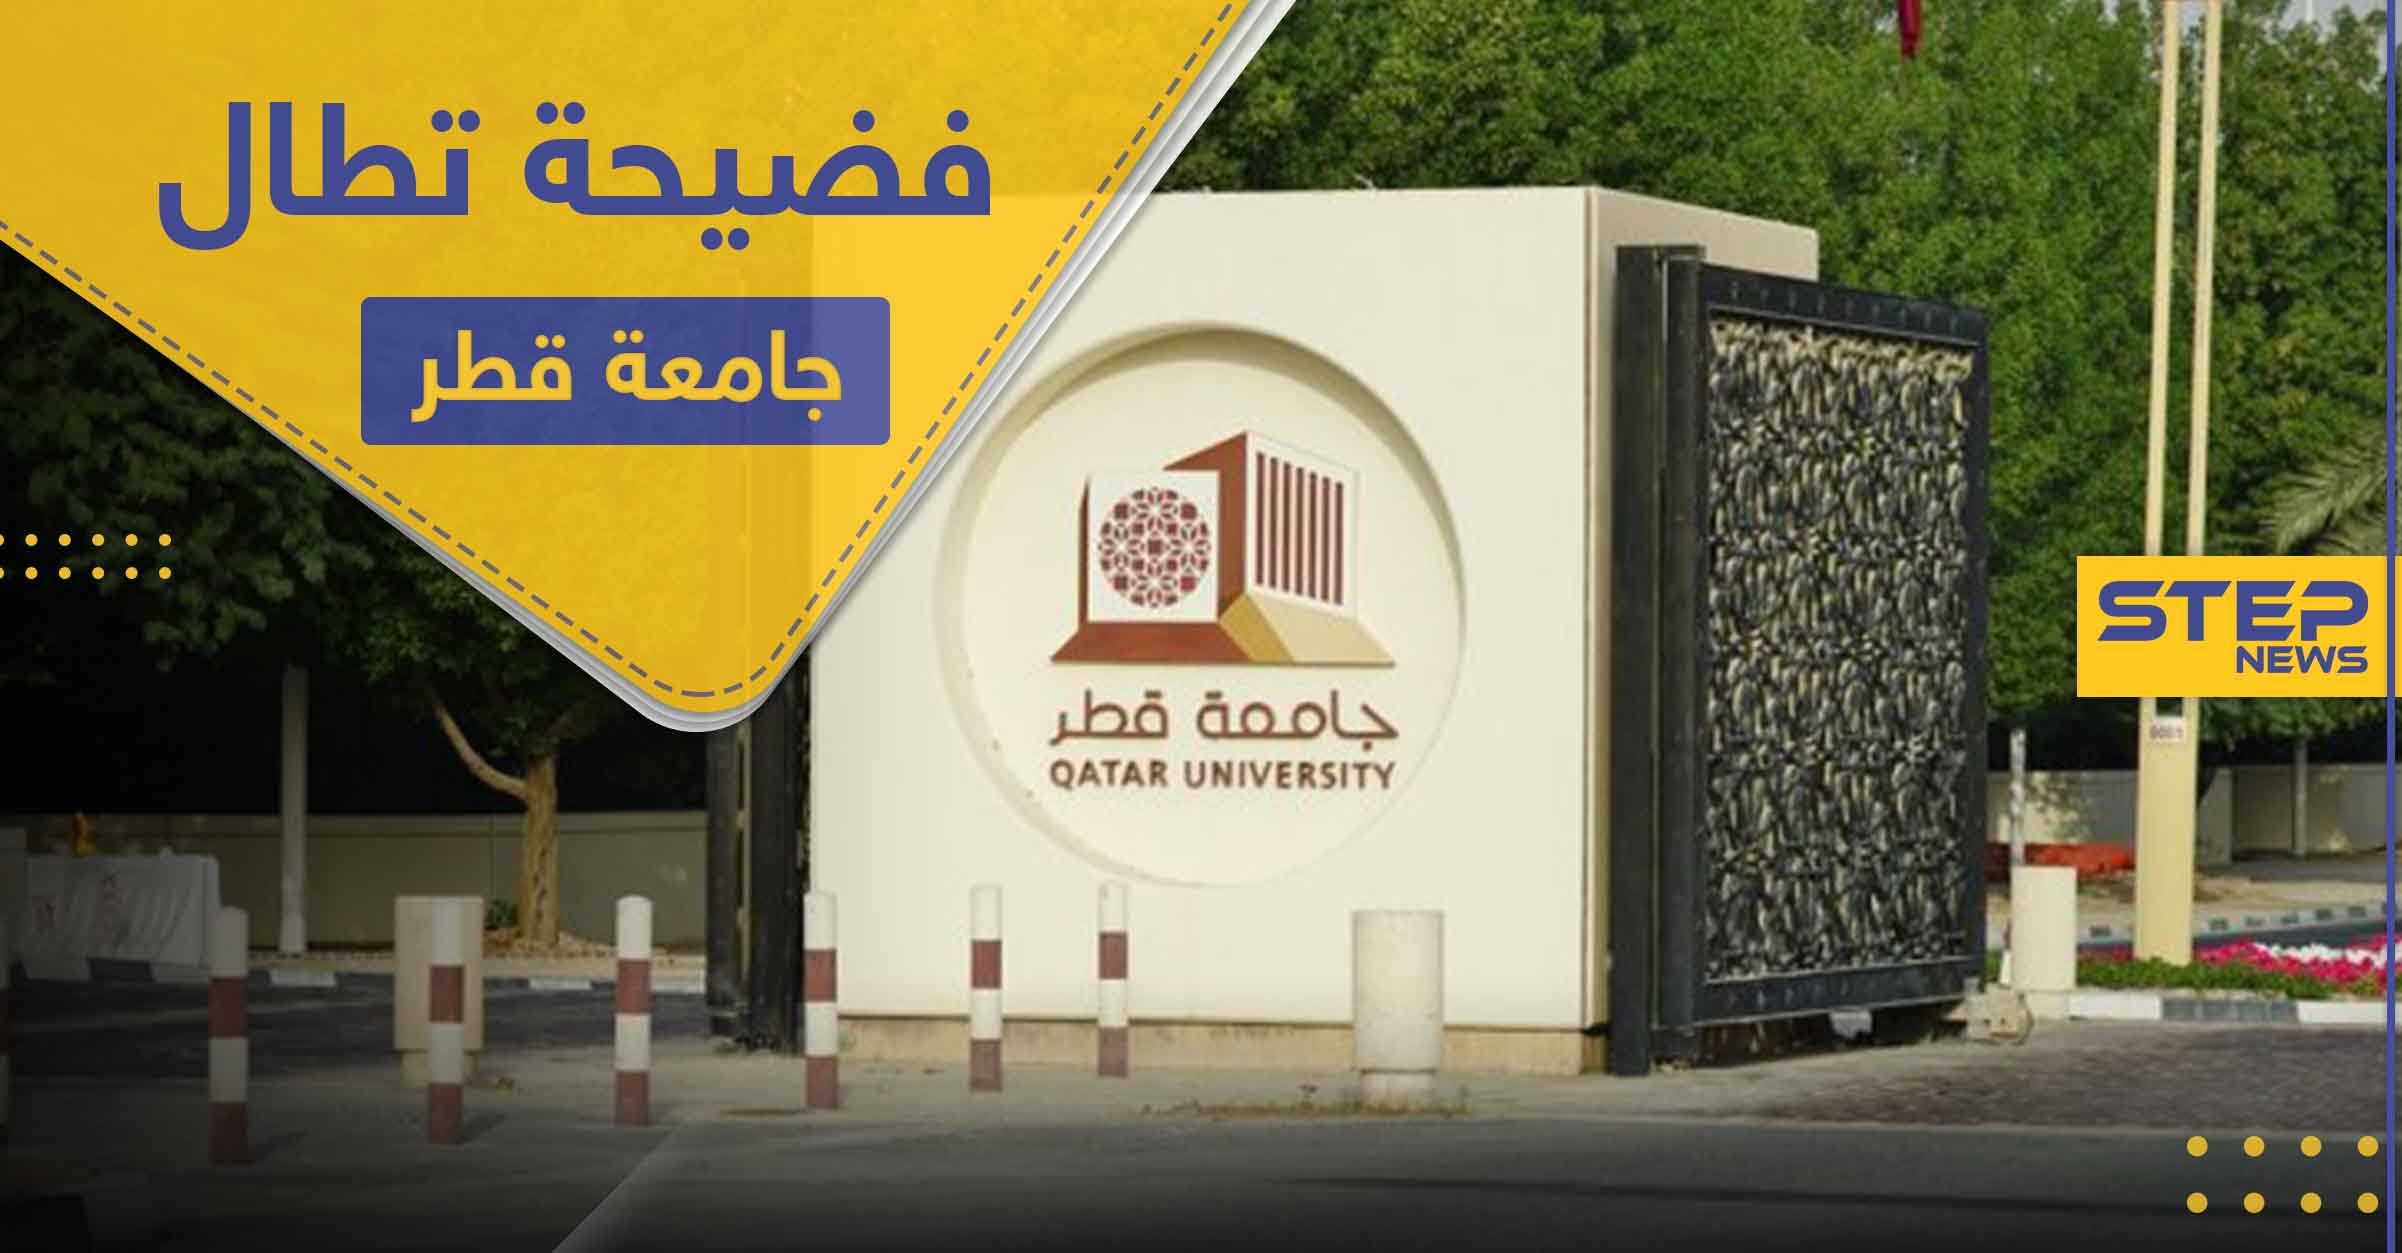 فضيحة تطال جامعة قطر وإدارتها تصفها بفعل غير أخلاقي وتتوعد بالمحاسبة